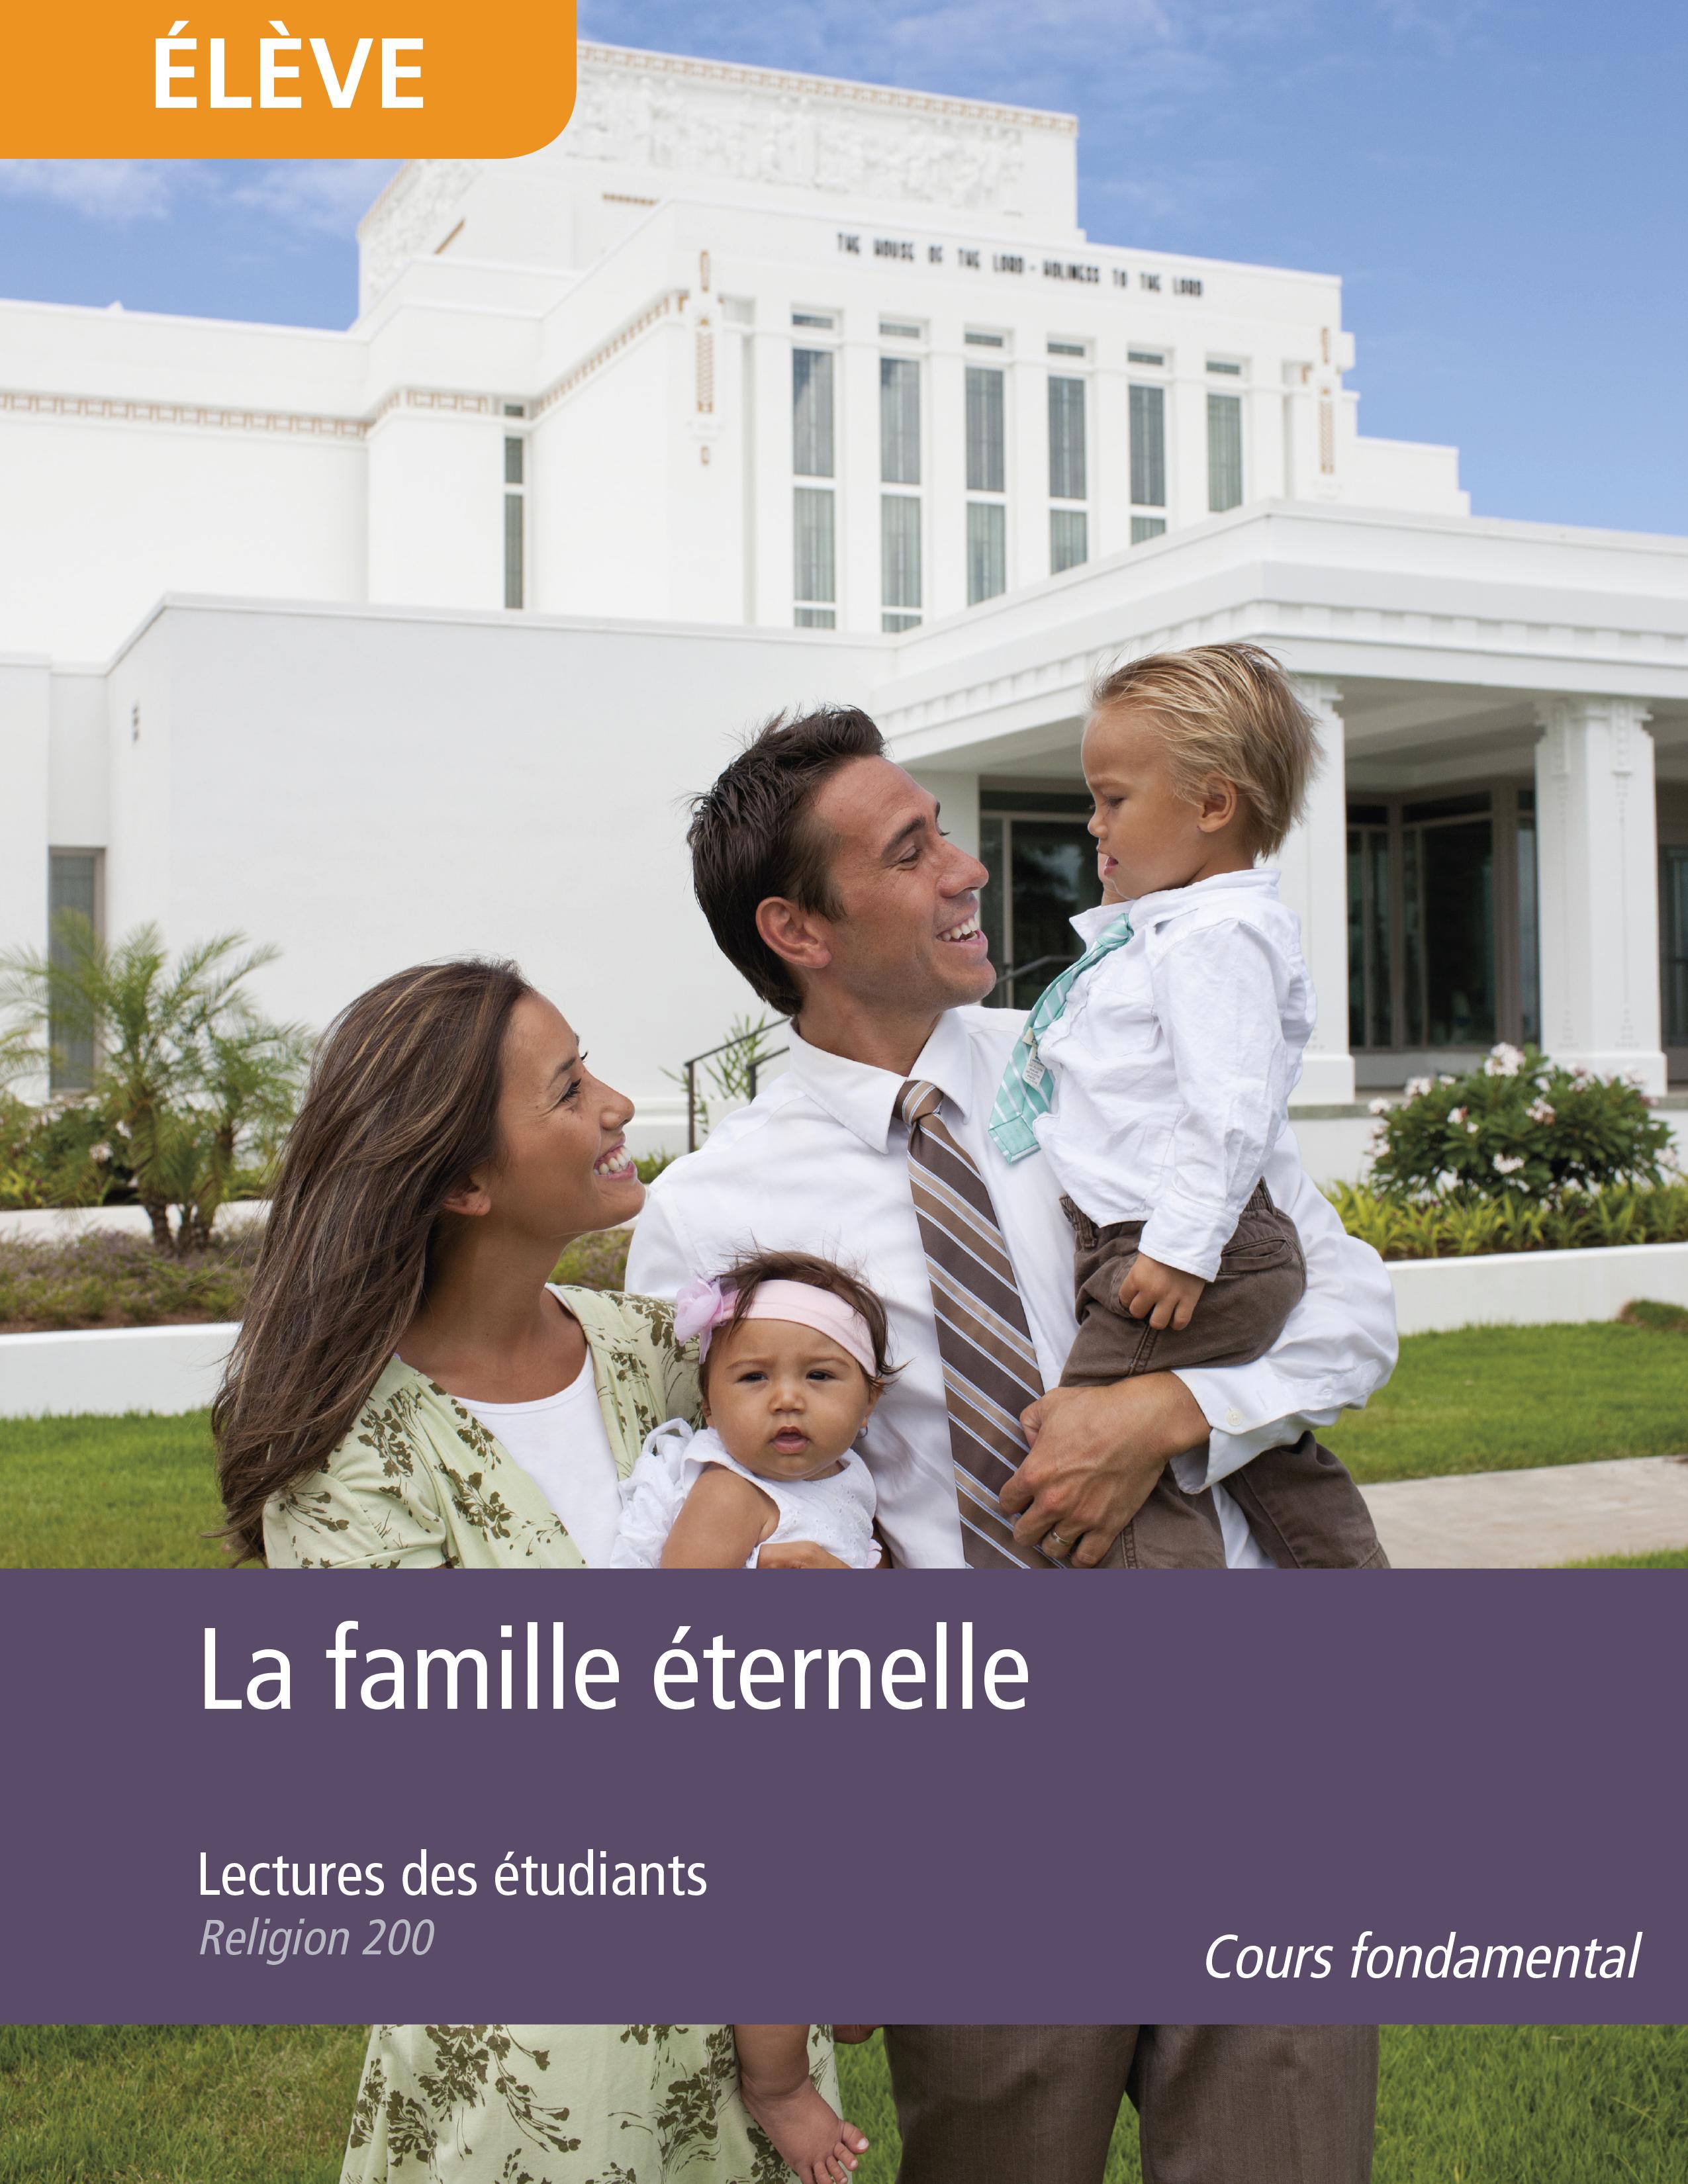 La famille éternelle, lectures des étudiants (Religion 200)